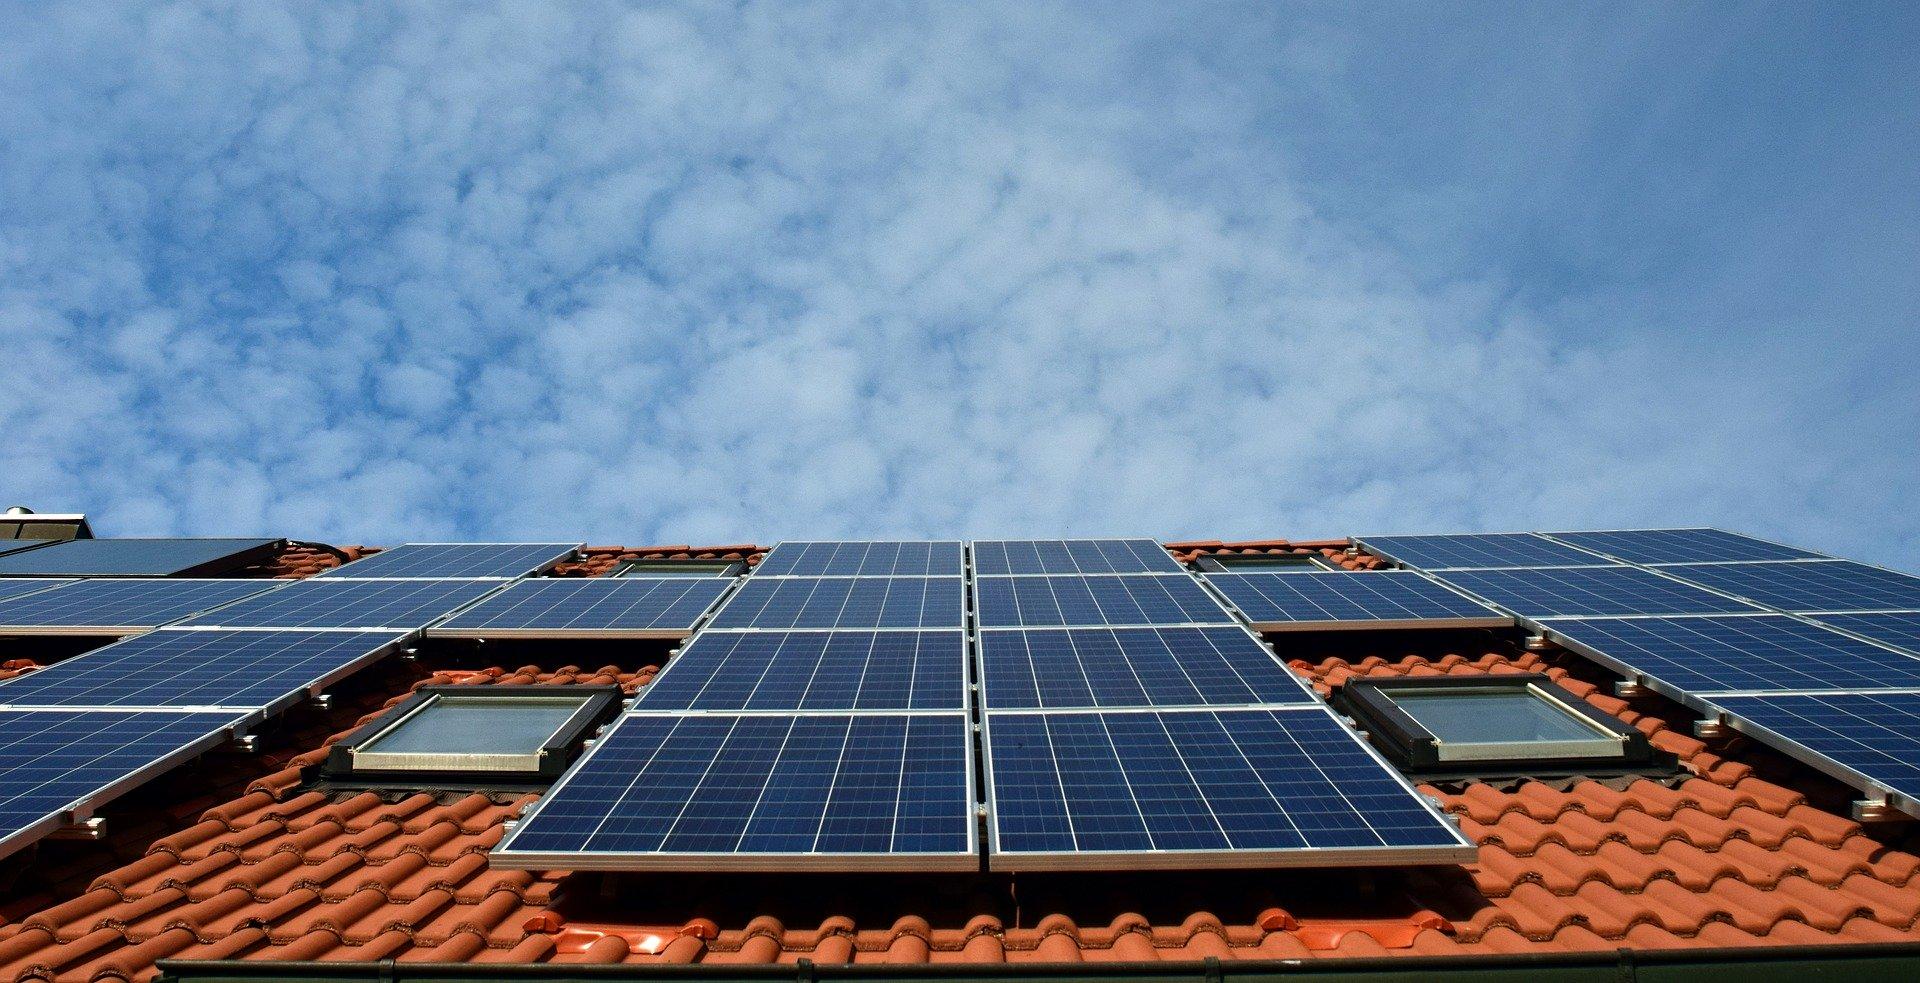 Solarzellen auf einem Dach mit Himmel